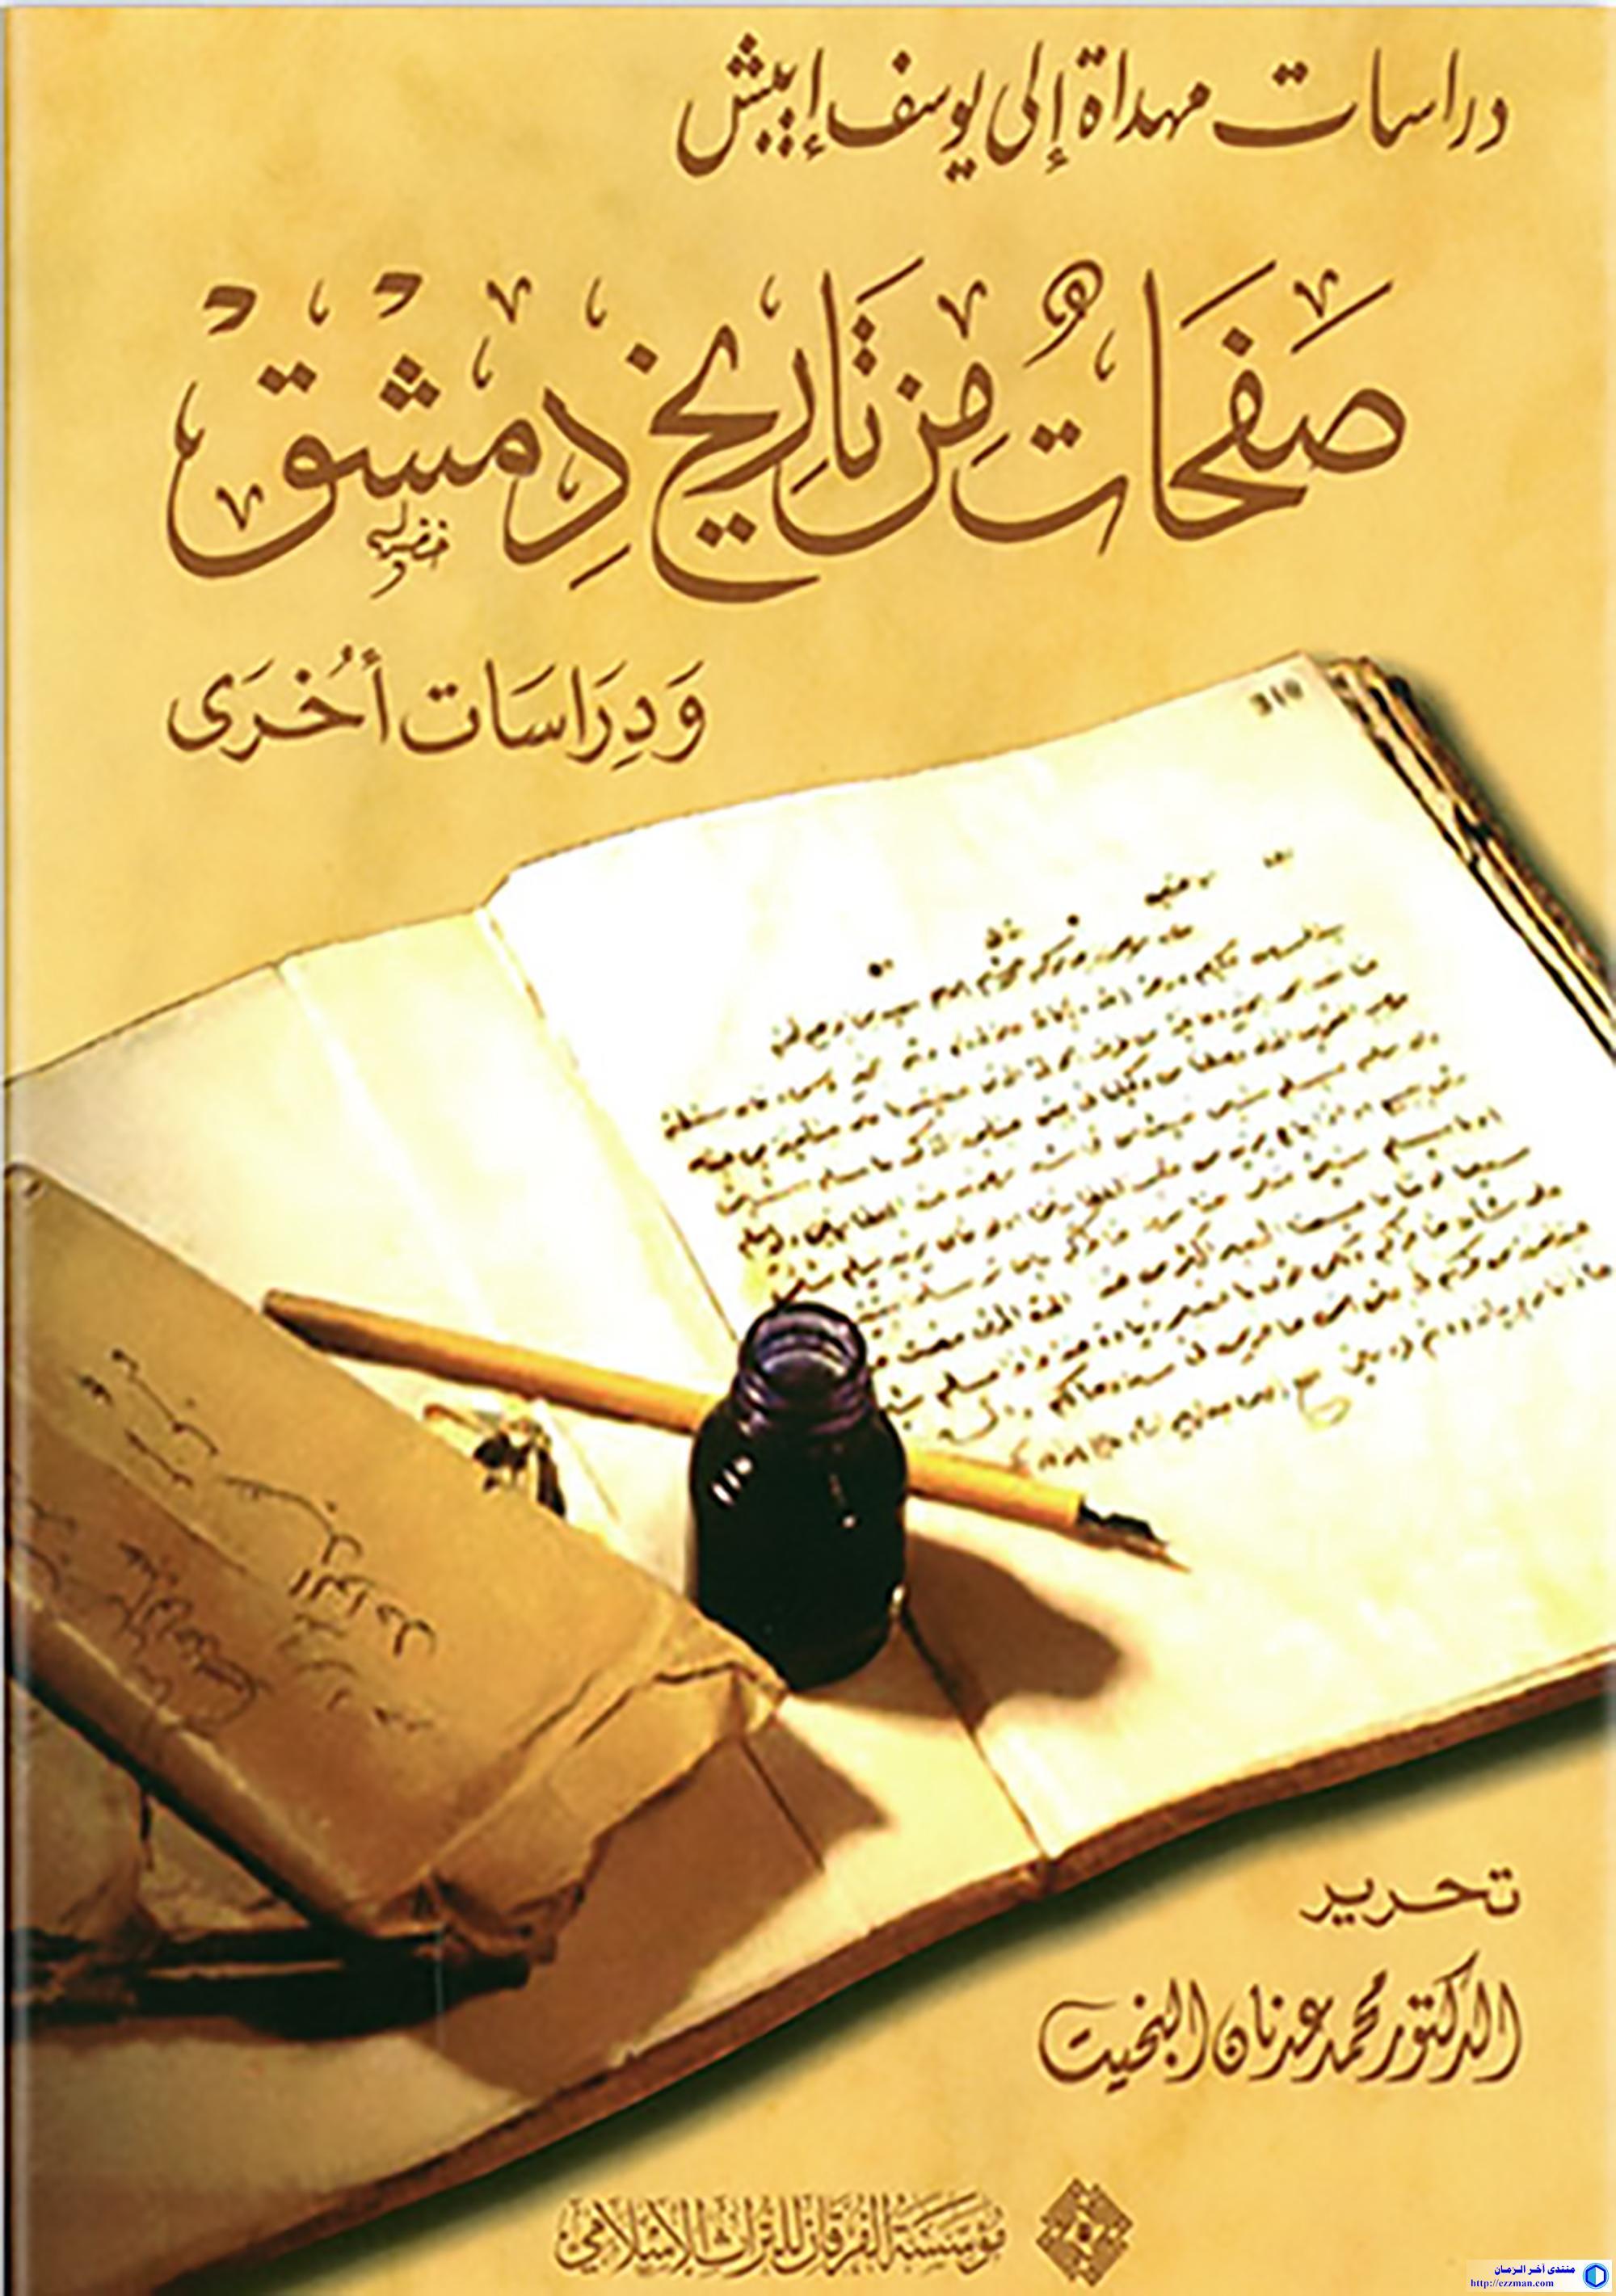 نظام الإجازة الخط العربي